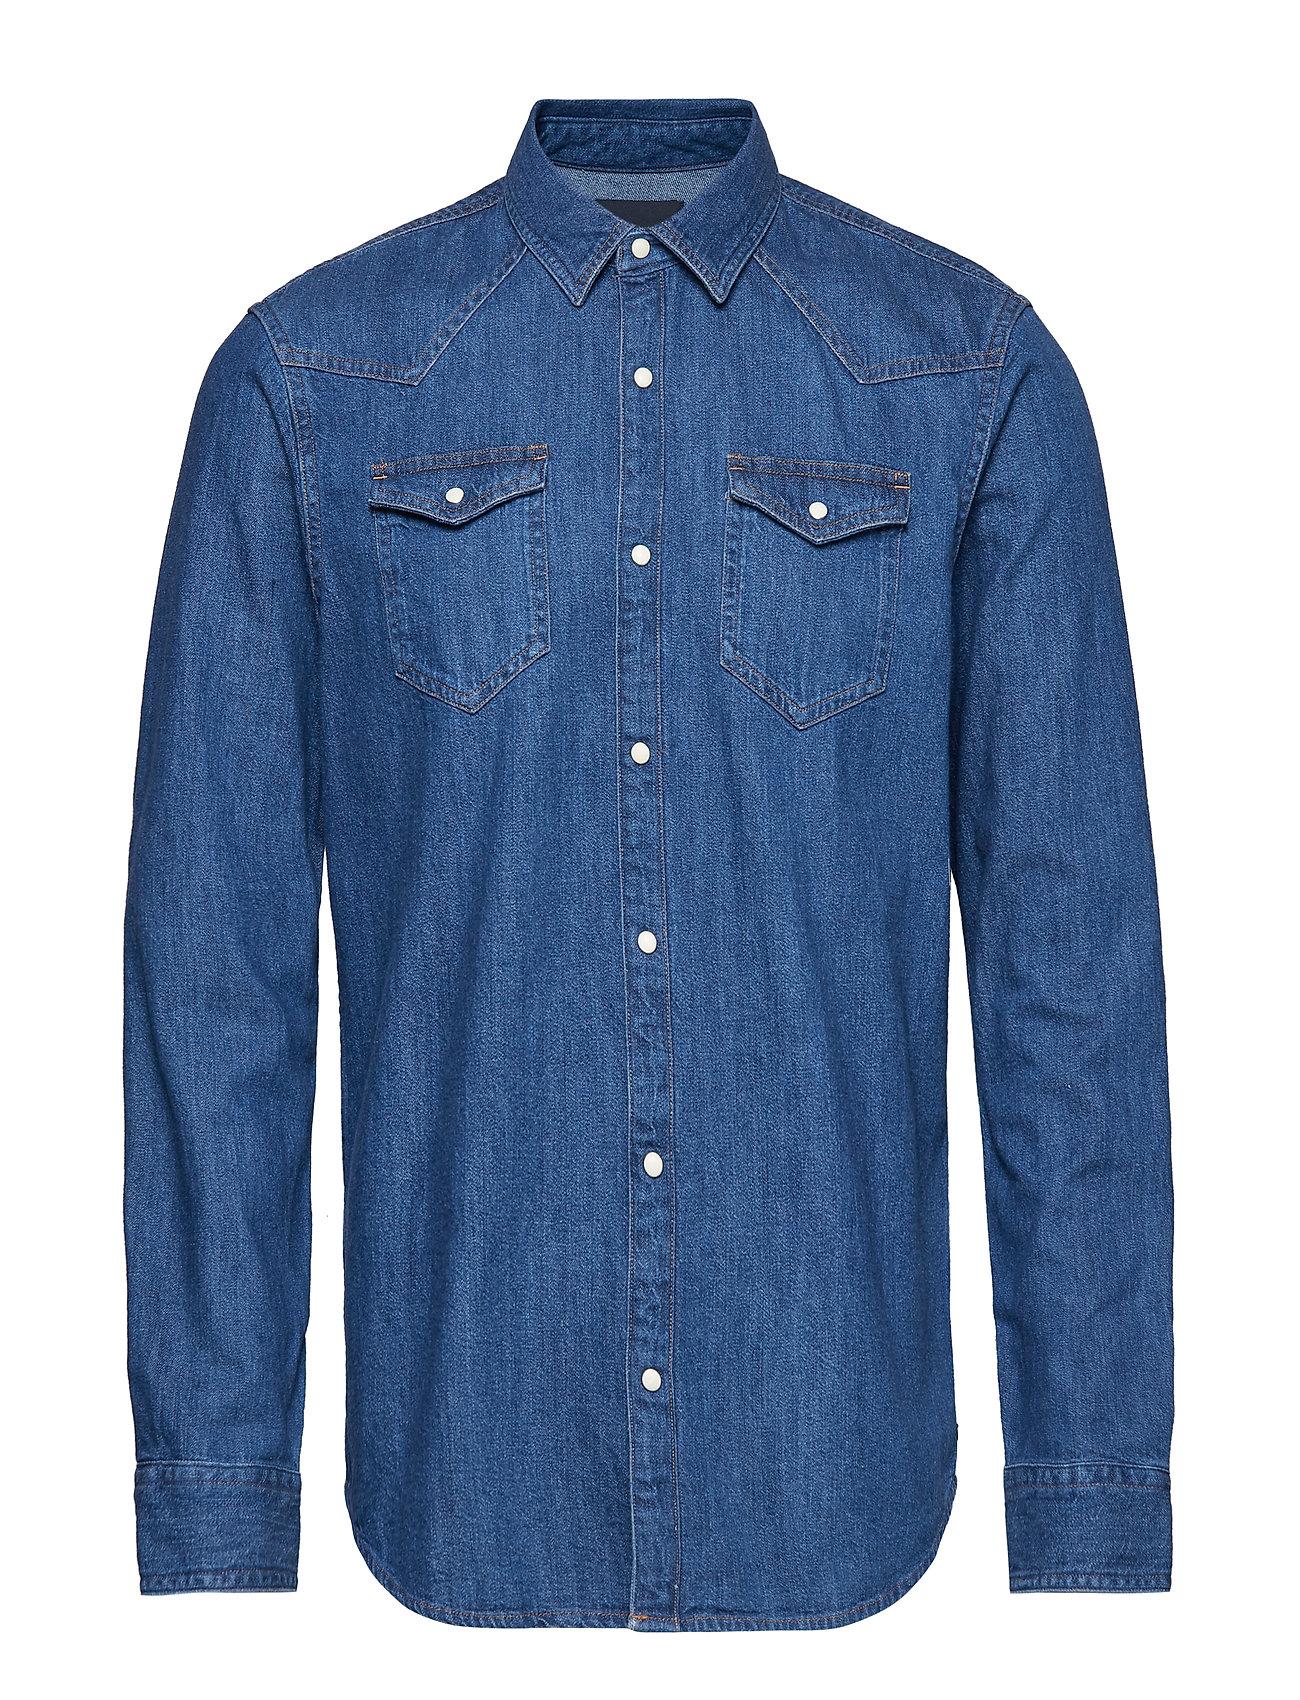 Scotch & Soda Ams Blauw denim shirt in seasonal washes - DENIM BLUE